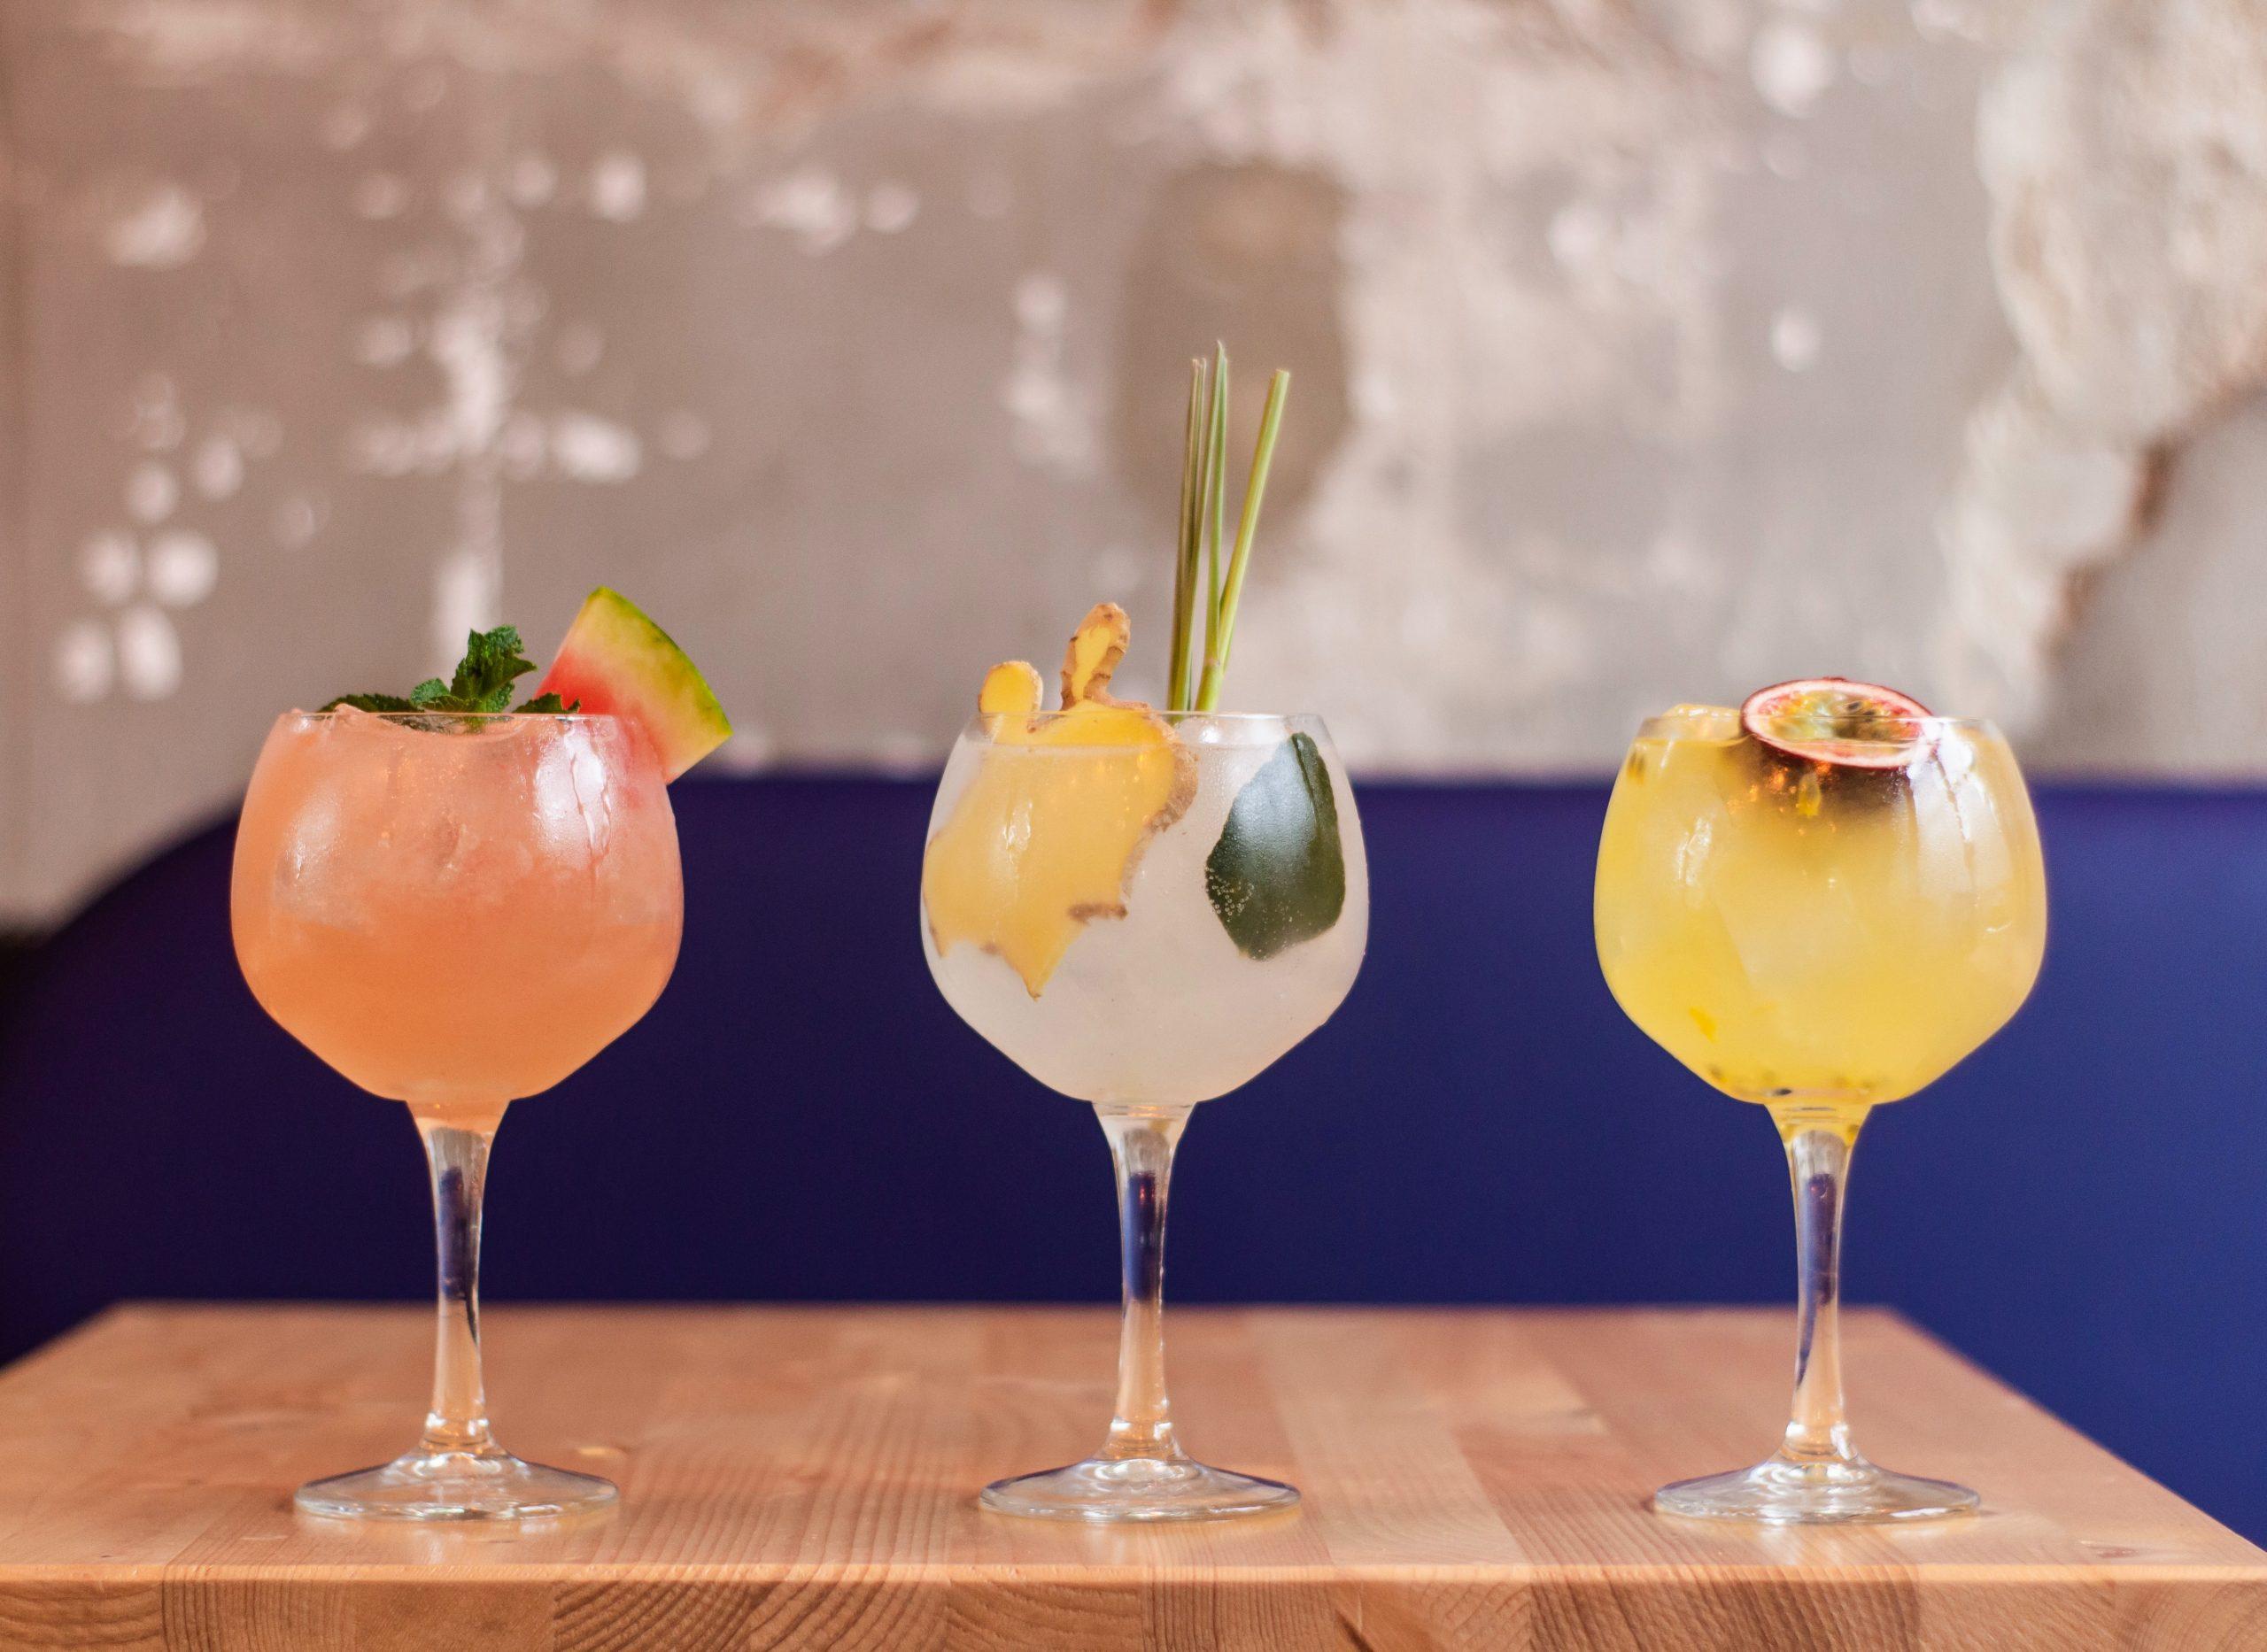 Prosecco Mixers -Drunken Berries Cocktails